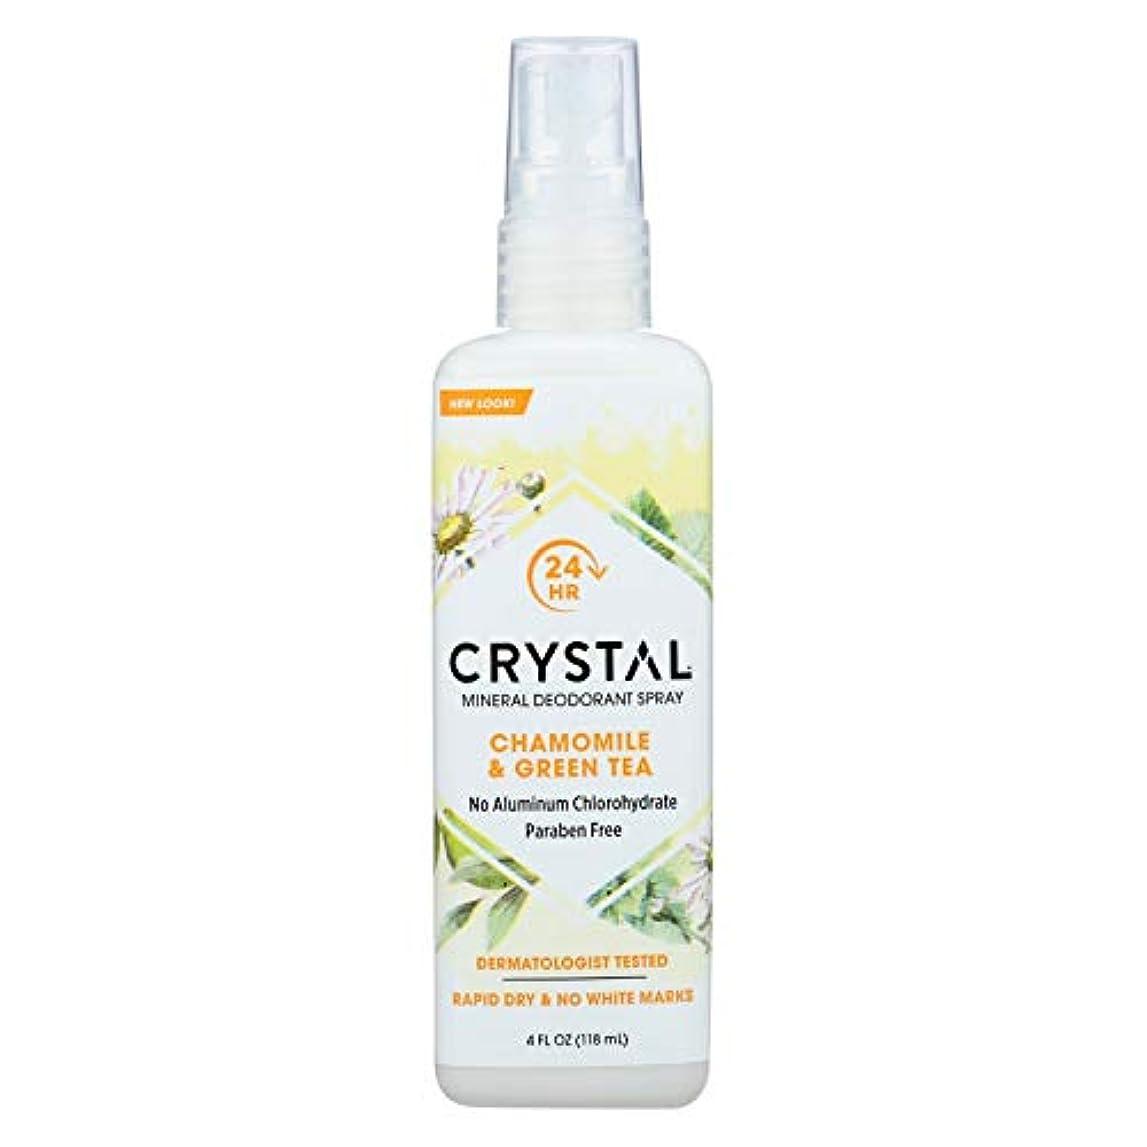 ハイランドモンク忘れっぽいCrystal Body Deodorant - 水晶本質のフランスの運輸Chamomile及び緑茶によるミネラル防臭剤ボディスプレー - 4ポンド